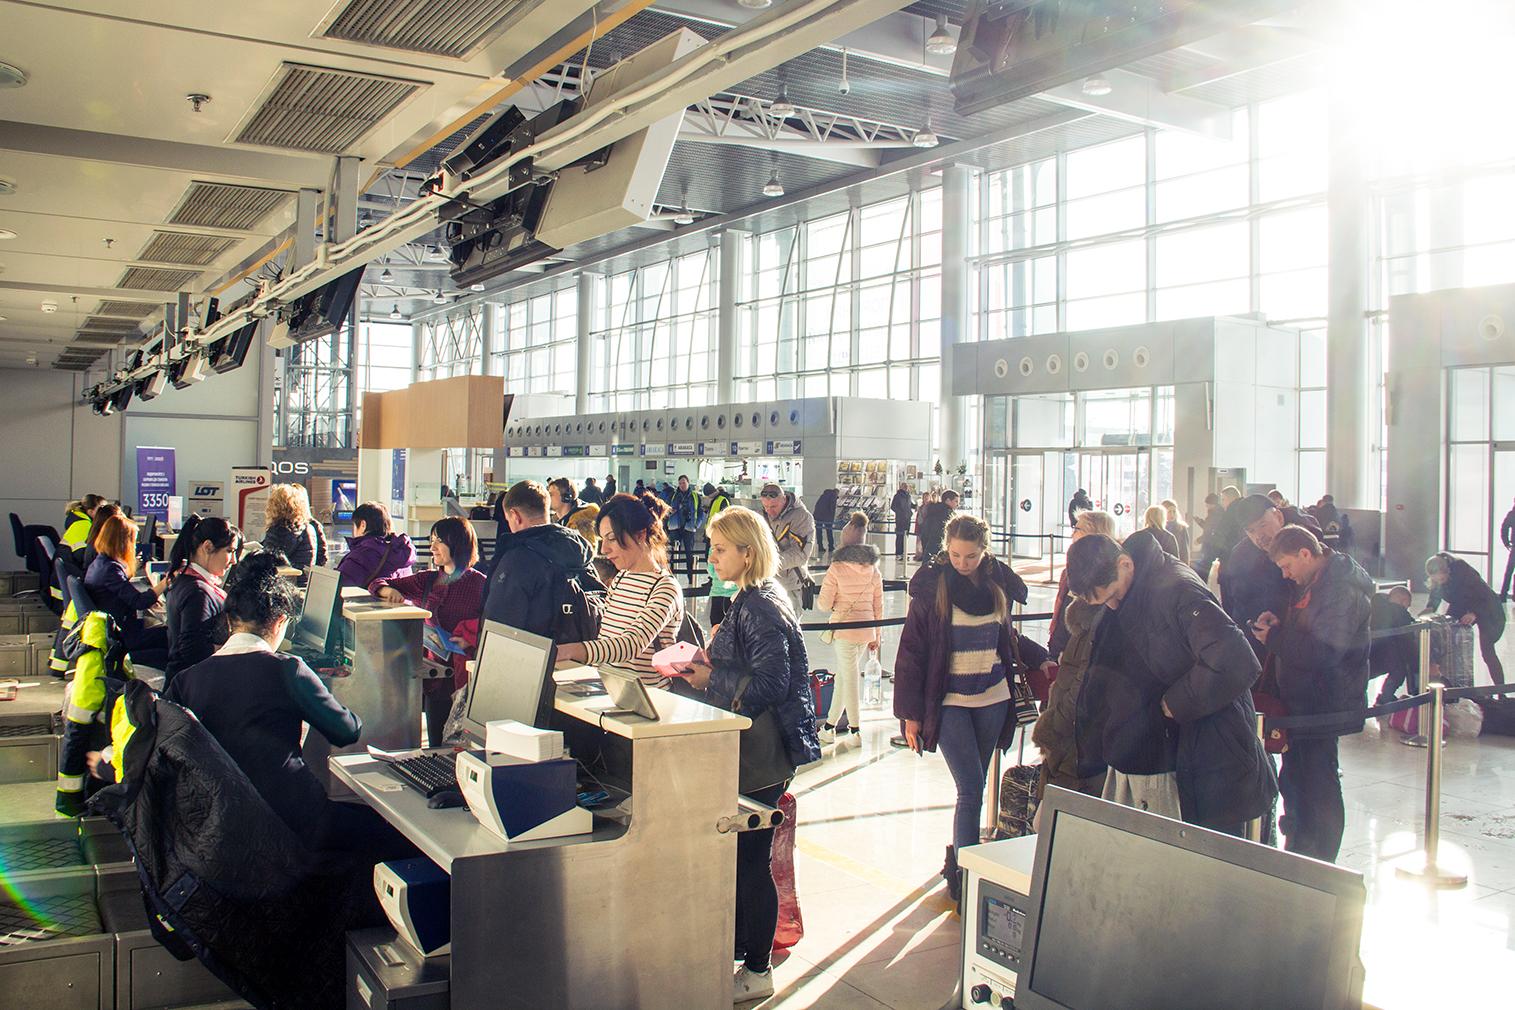 У Харкові перевірили доступність шкіл, автовокзалів, вокзалу і аеропорту для людей з інвалідністю